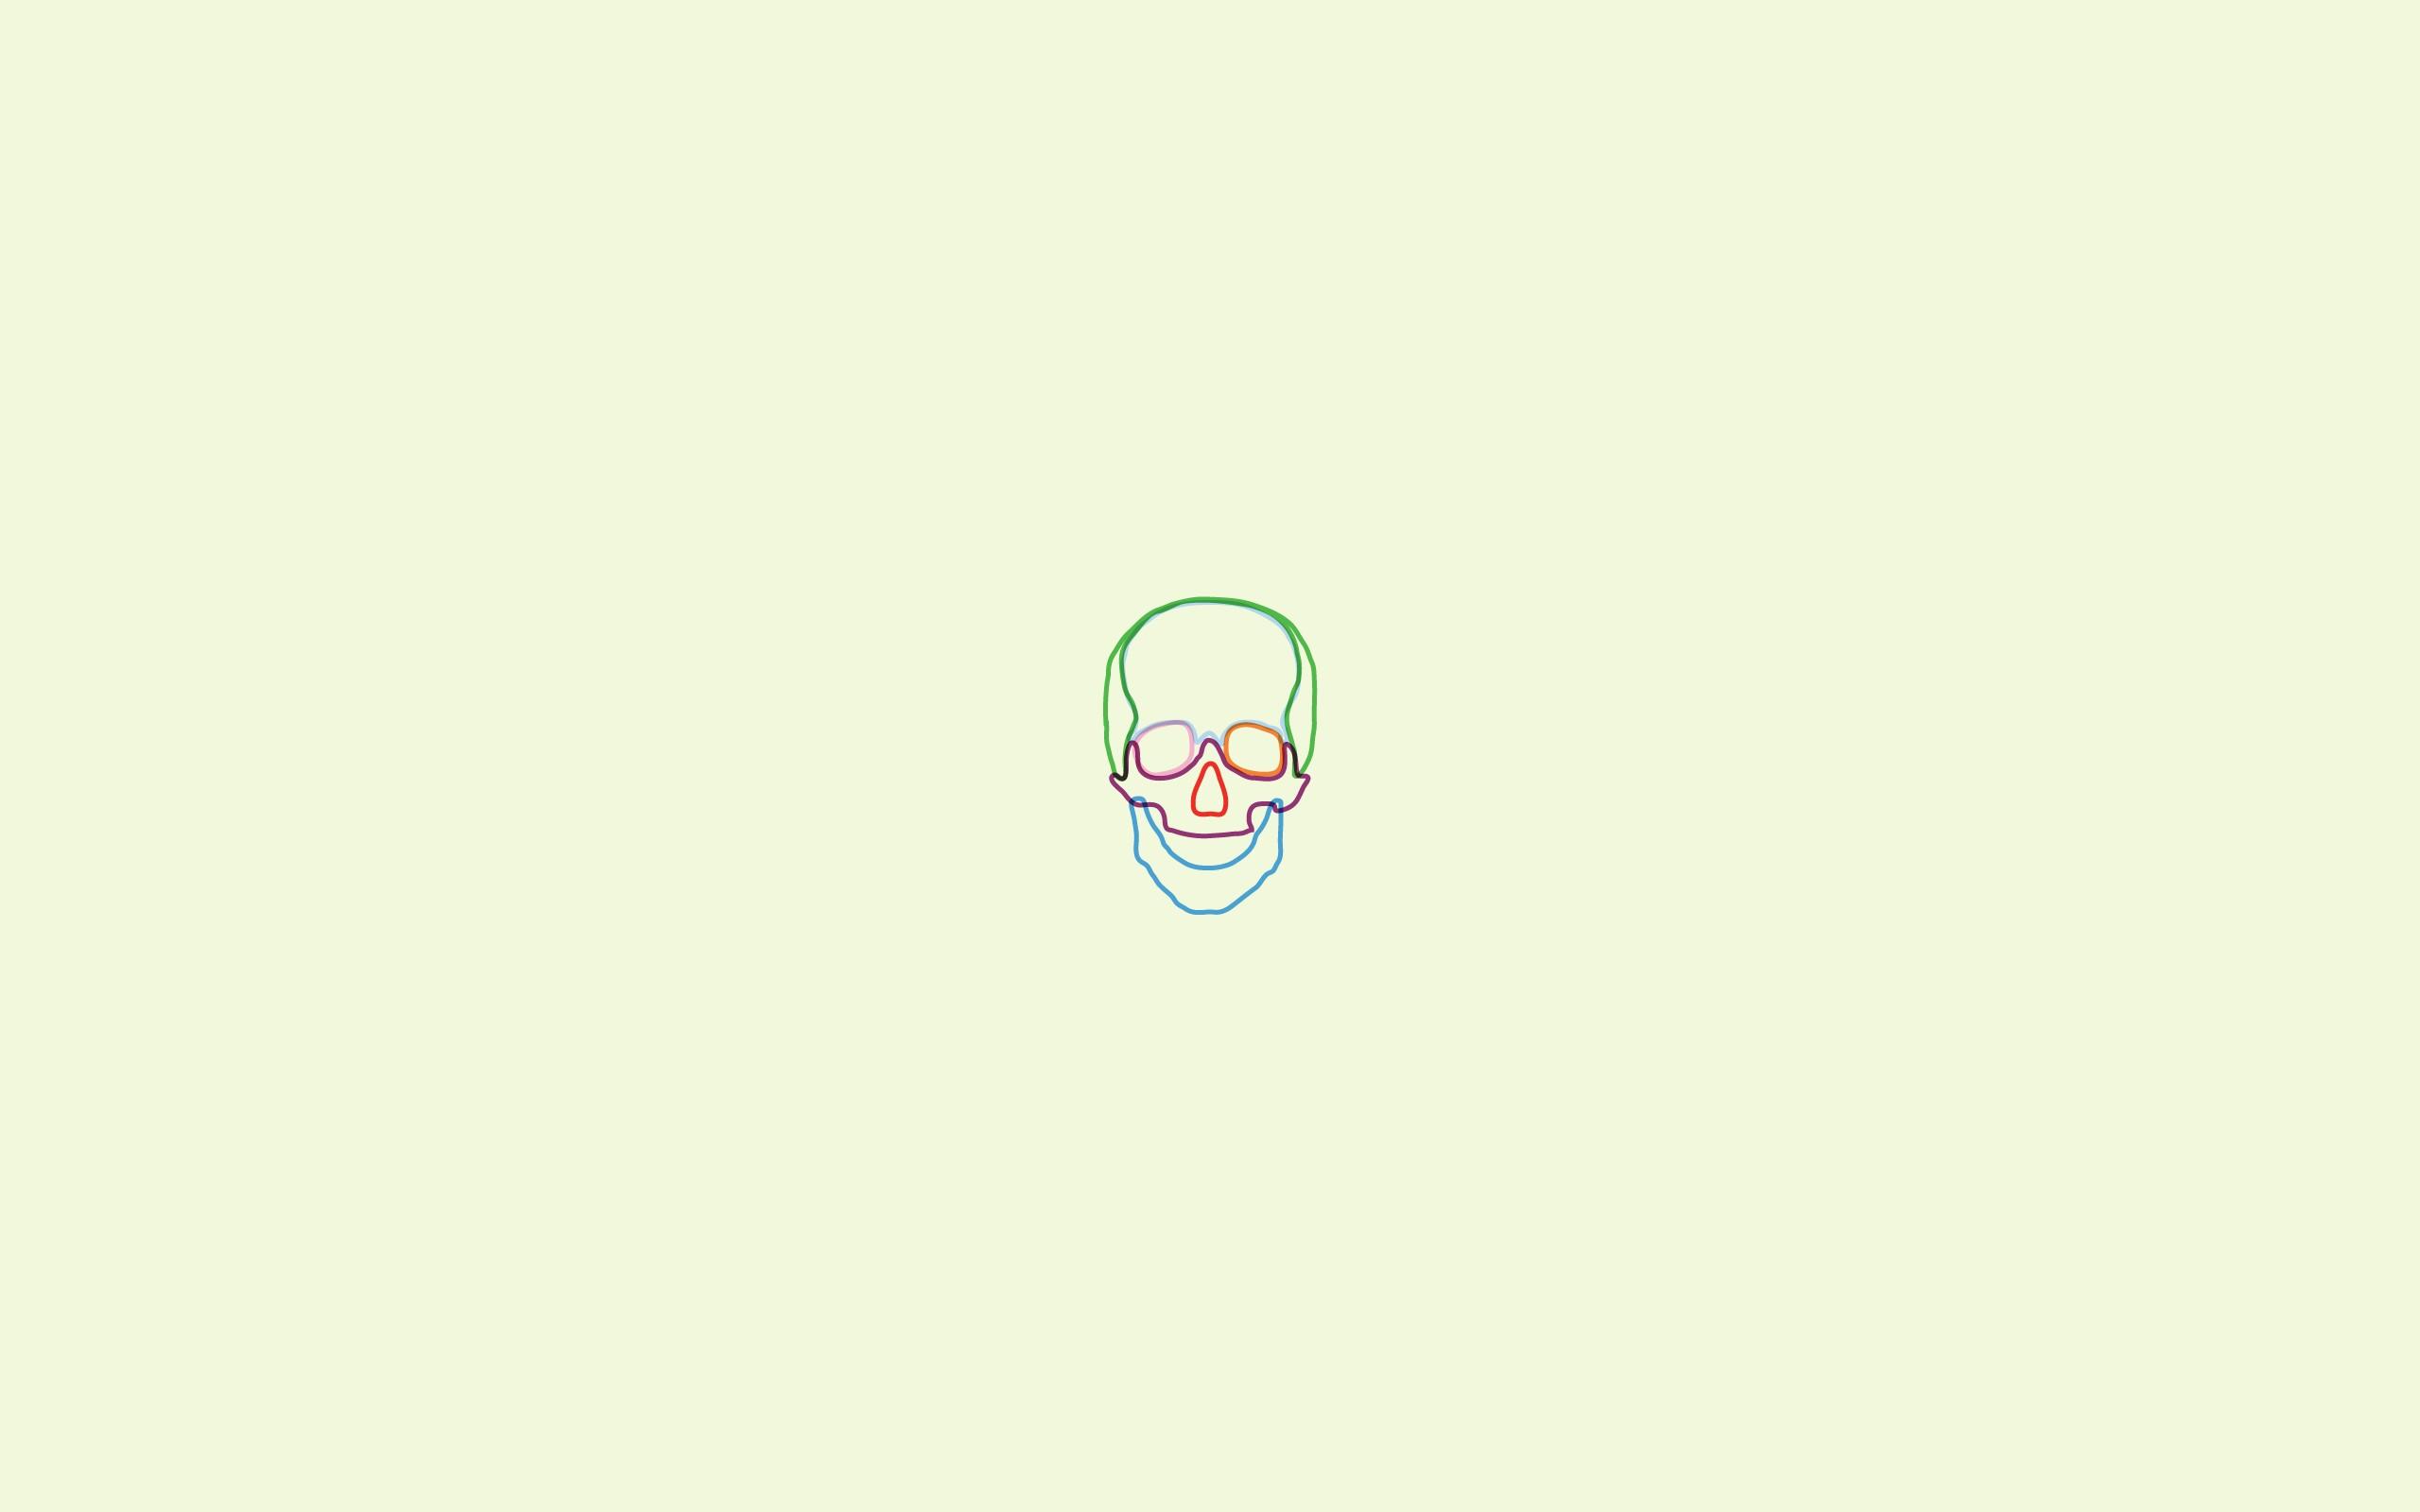 пуговицы минимализм buttons minimalism бесплатно